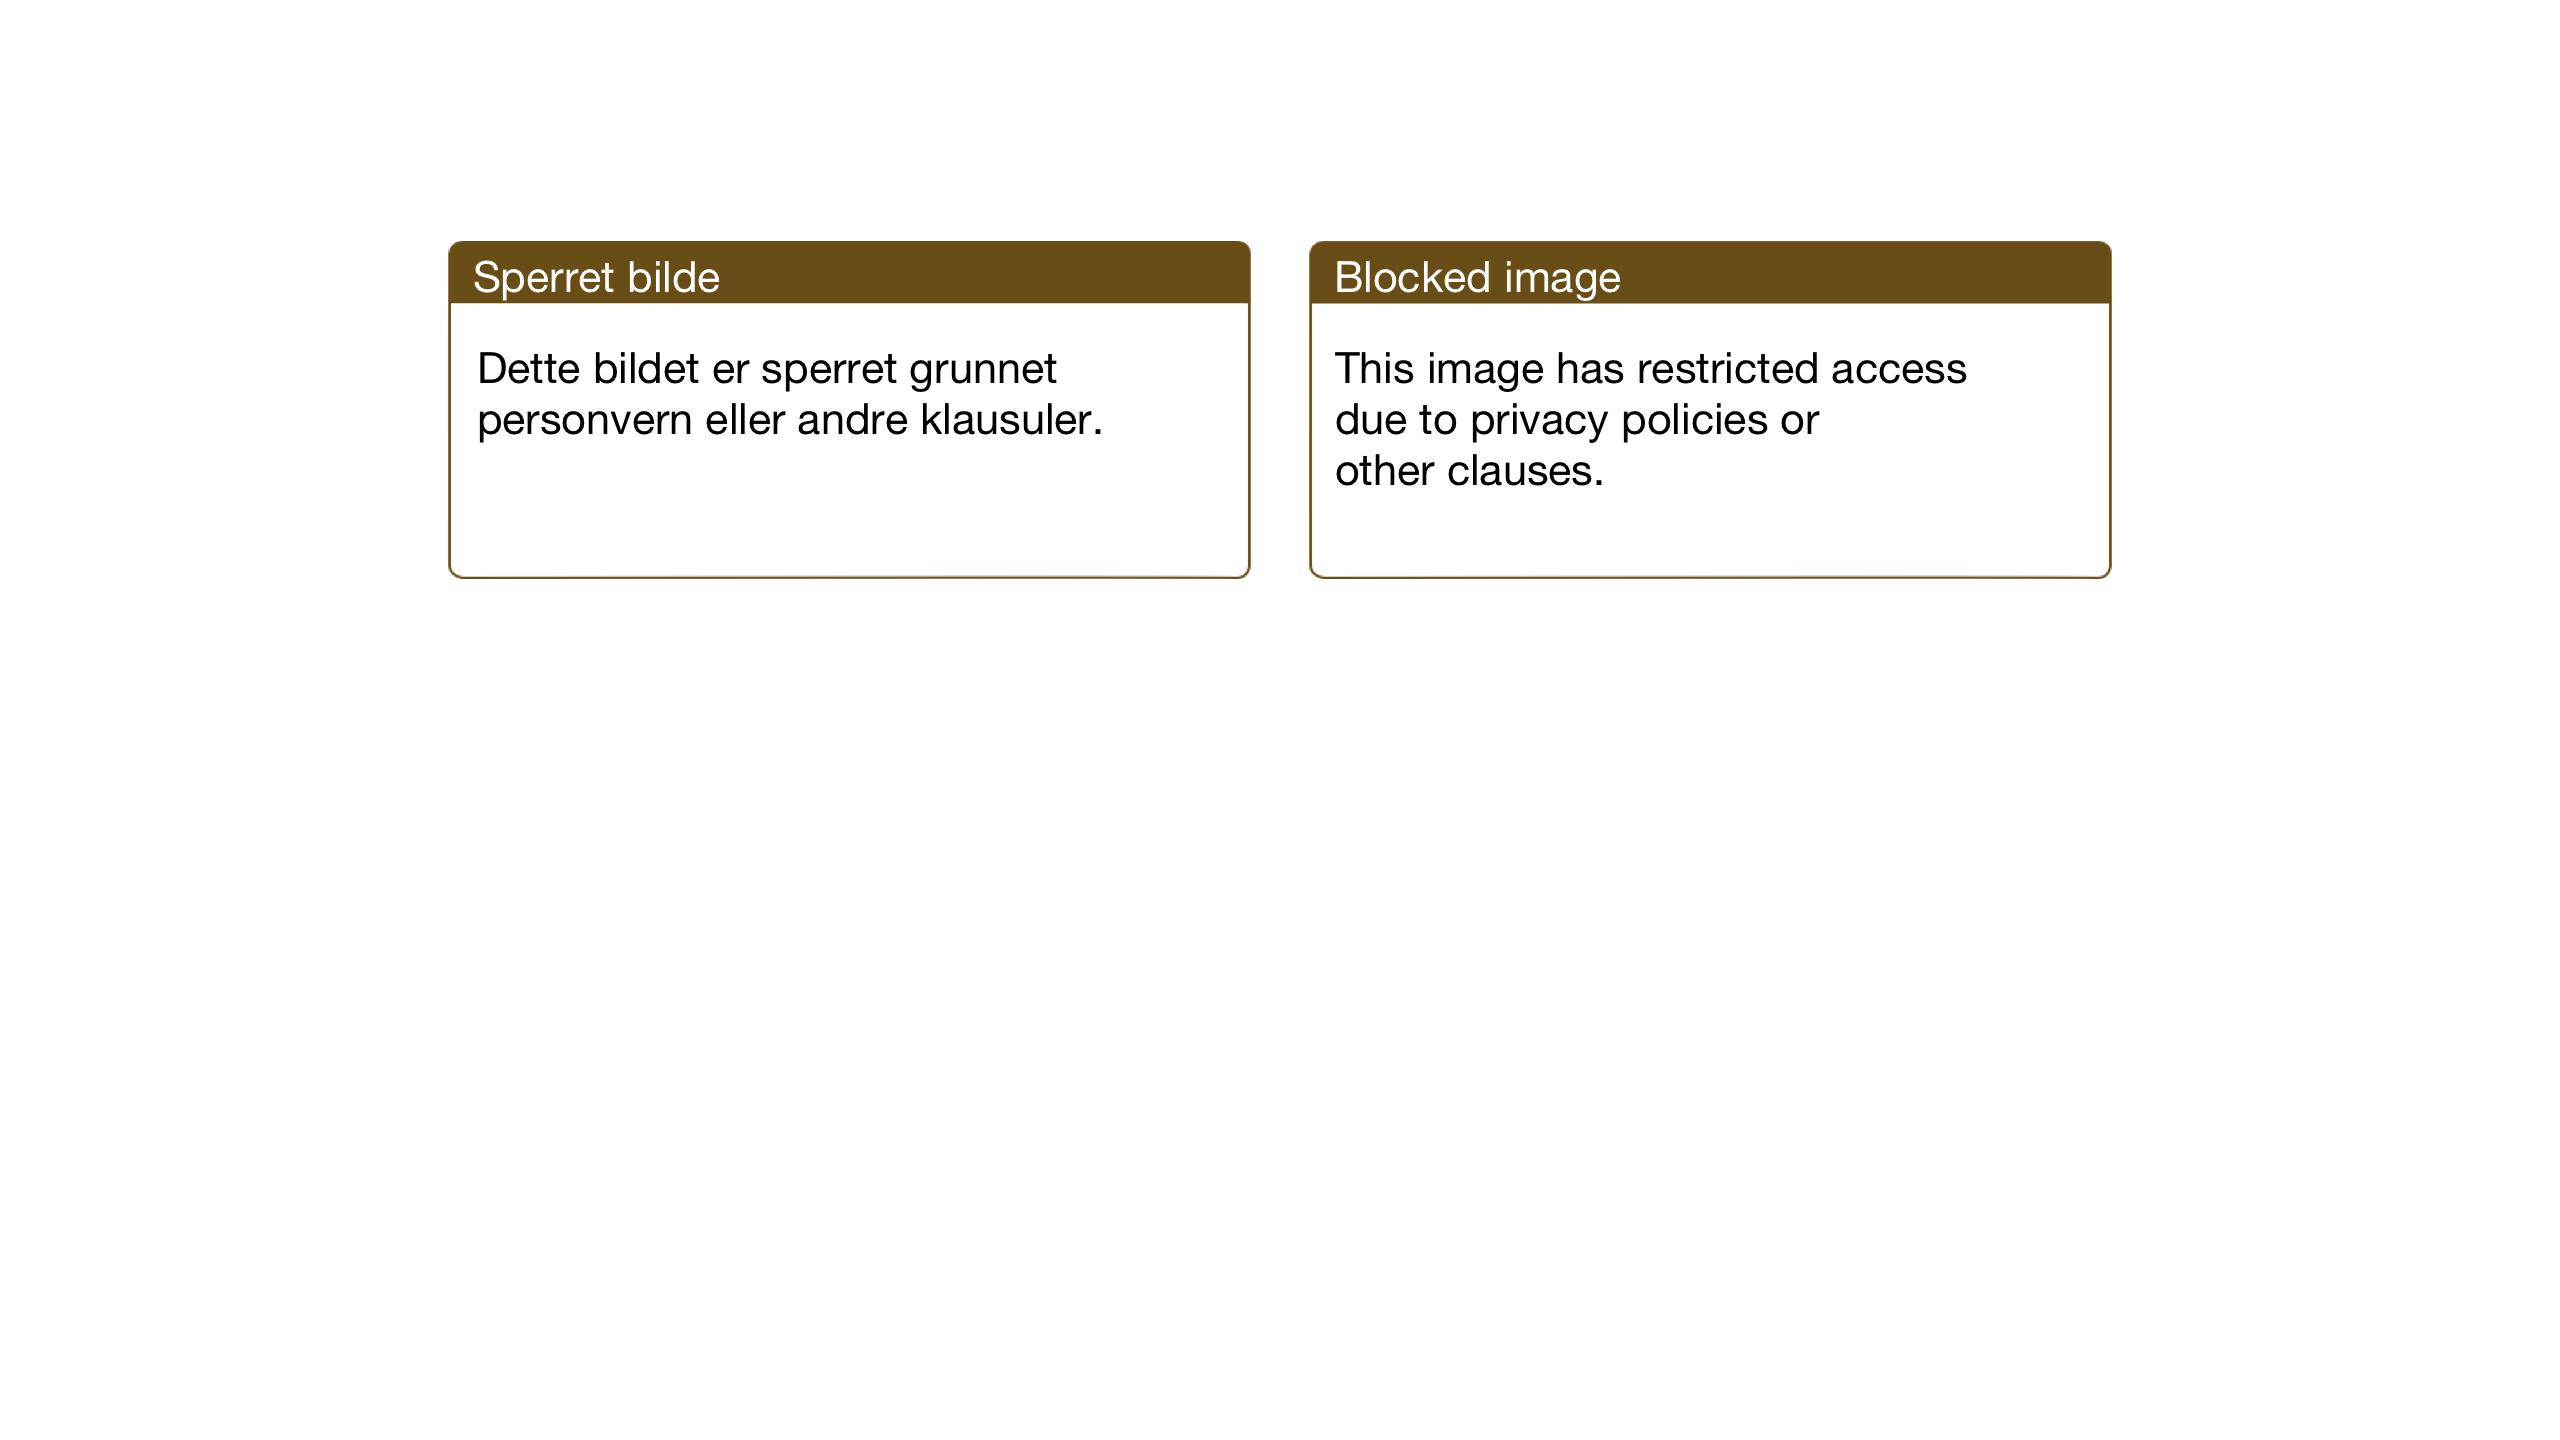 SAT, Ministerialprotokoller, klokkerbøker og fødselsregistre - Sør-Trøndelag, 635/L0554: Klokkerbok nr. 635C02, 1919-1942, s. 38